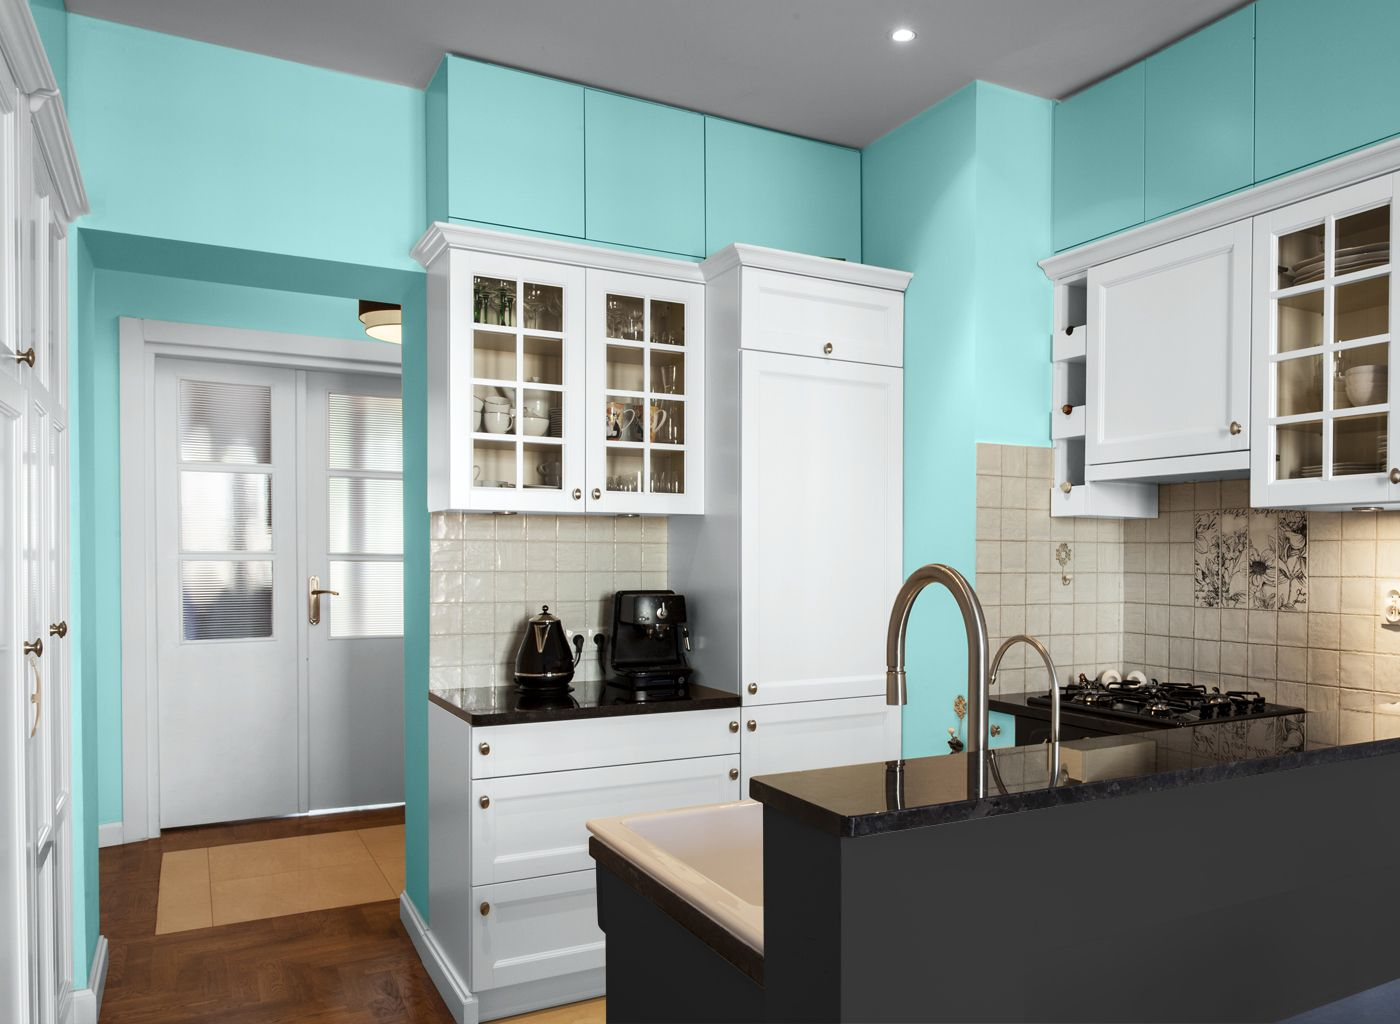 Pintar gabinetes de cocina ideas uk - Com Si Desea Encontrar El Color Indicado Para Pintar Su Cocina O Para Usar En Un Proyecto De Remodelaci N